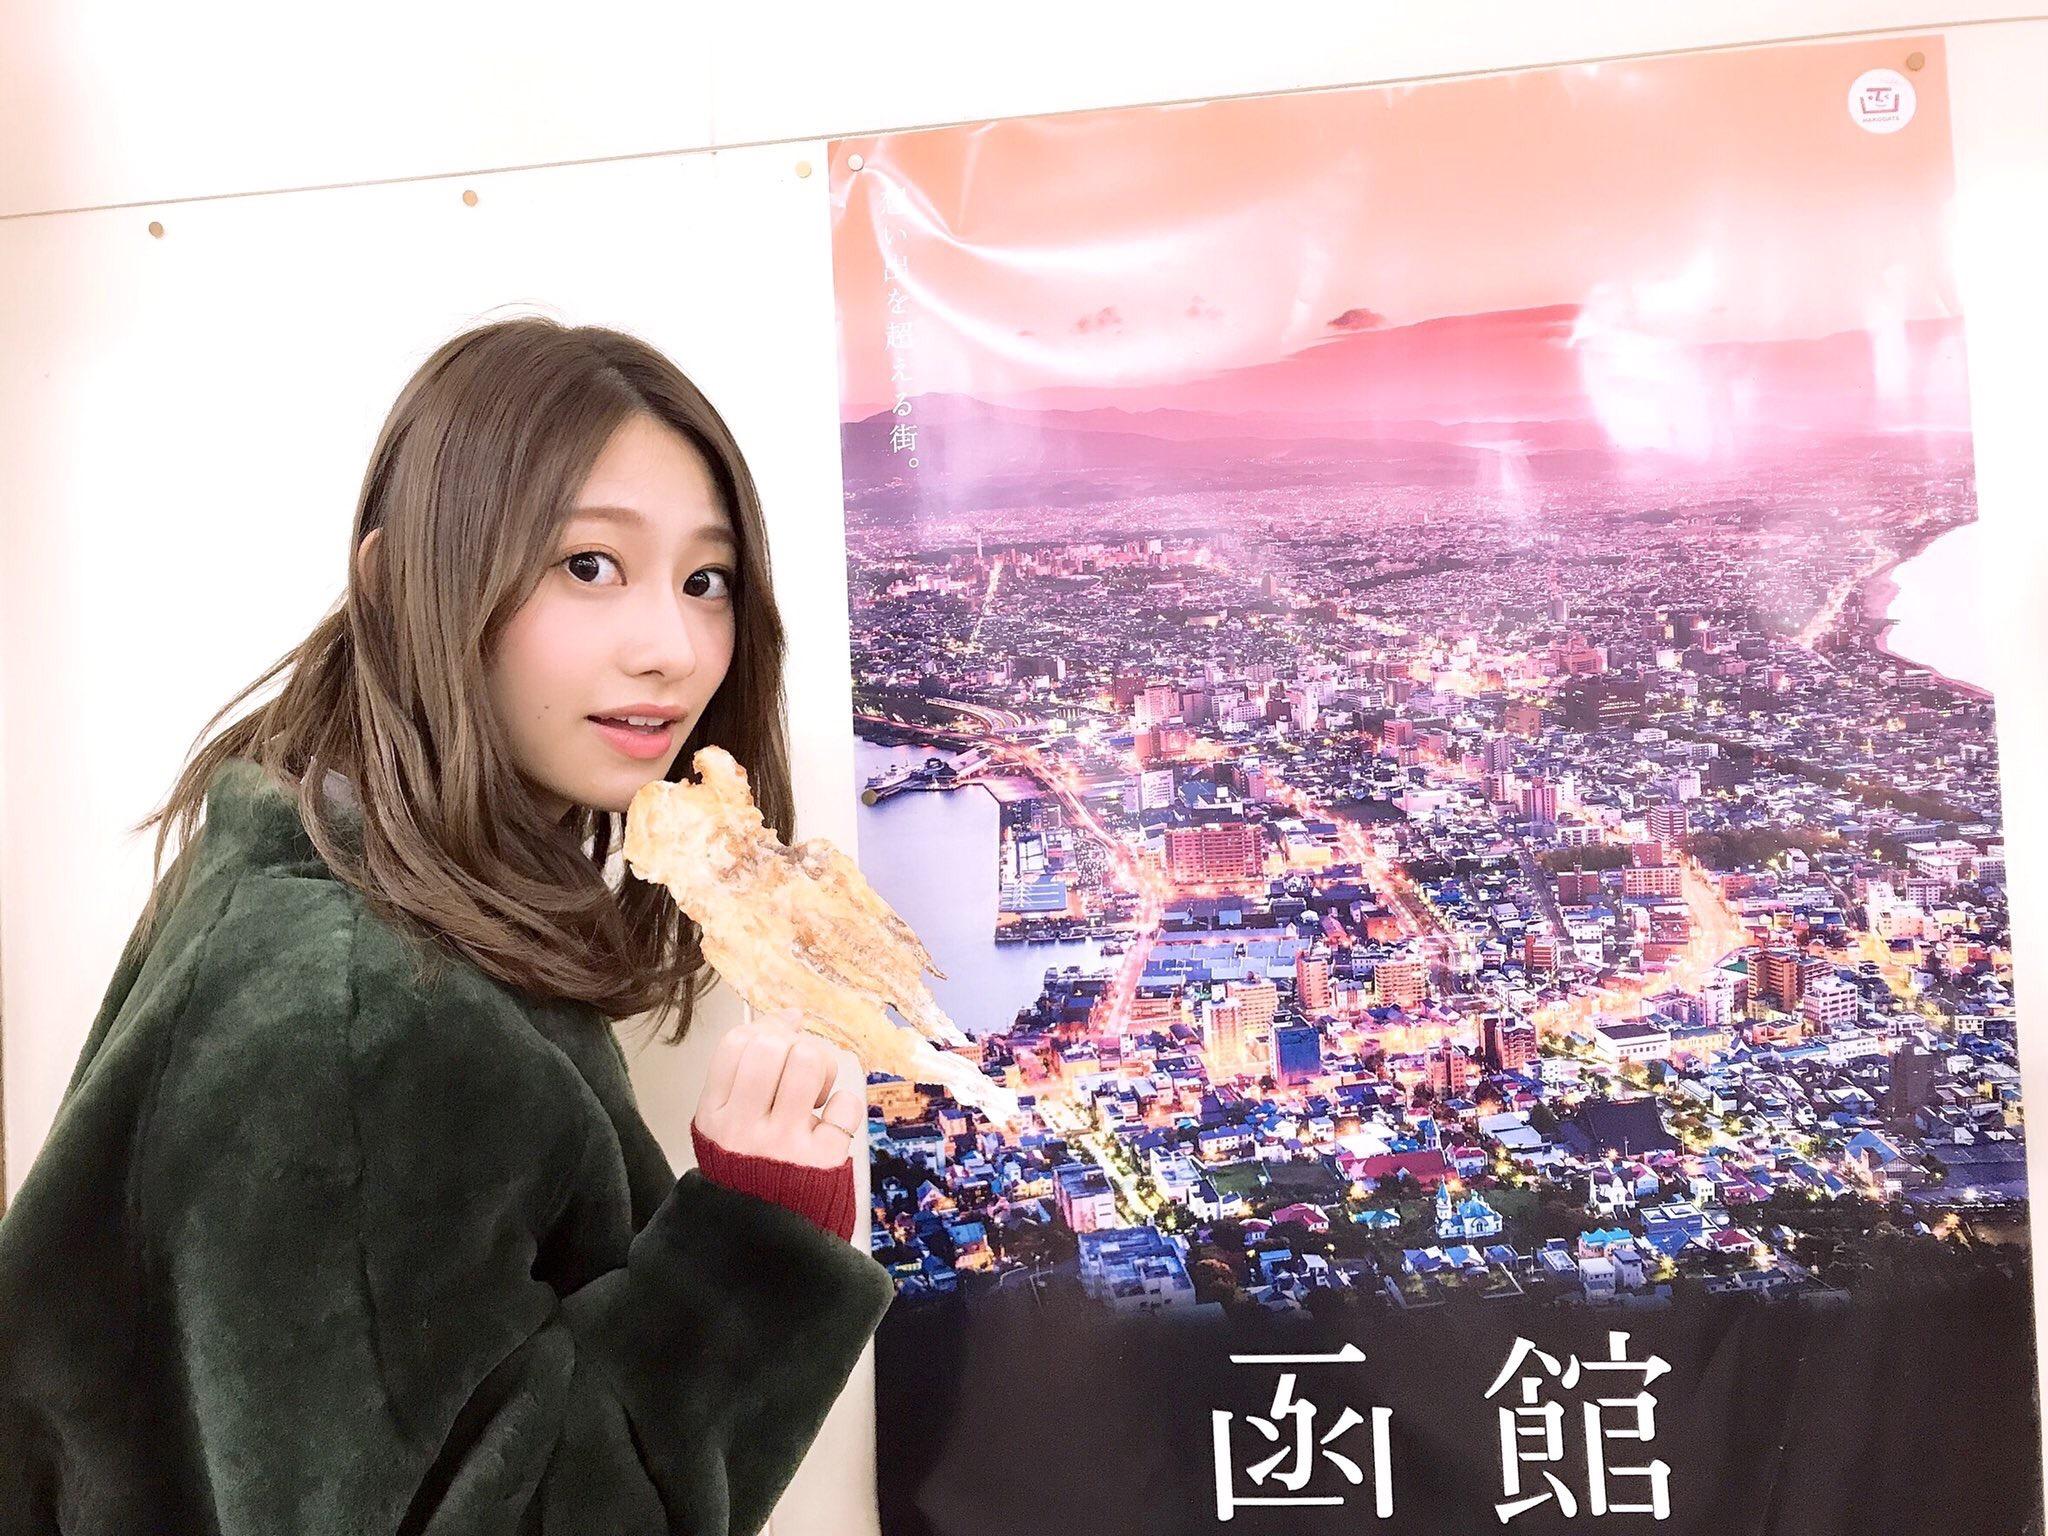 乃木坂46 桜井玲香がダントツで1番可愛い件 画像あり 乃木坂46